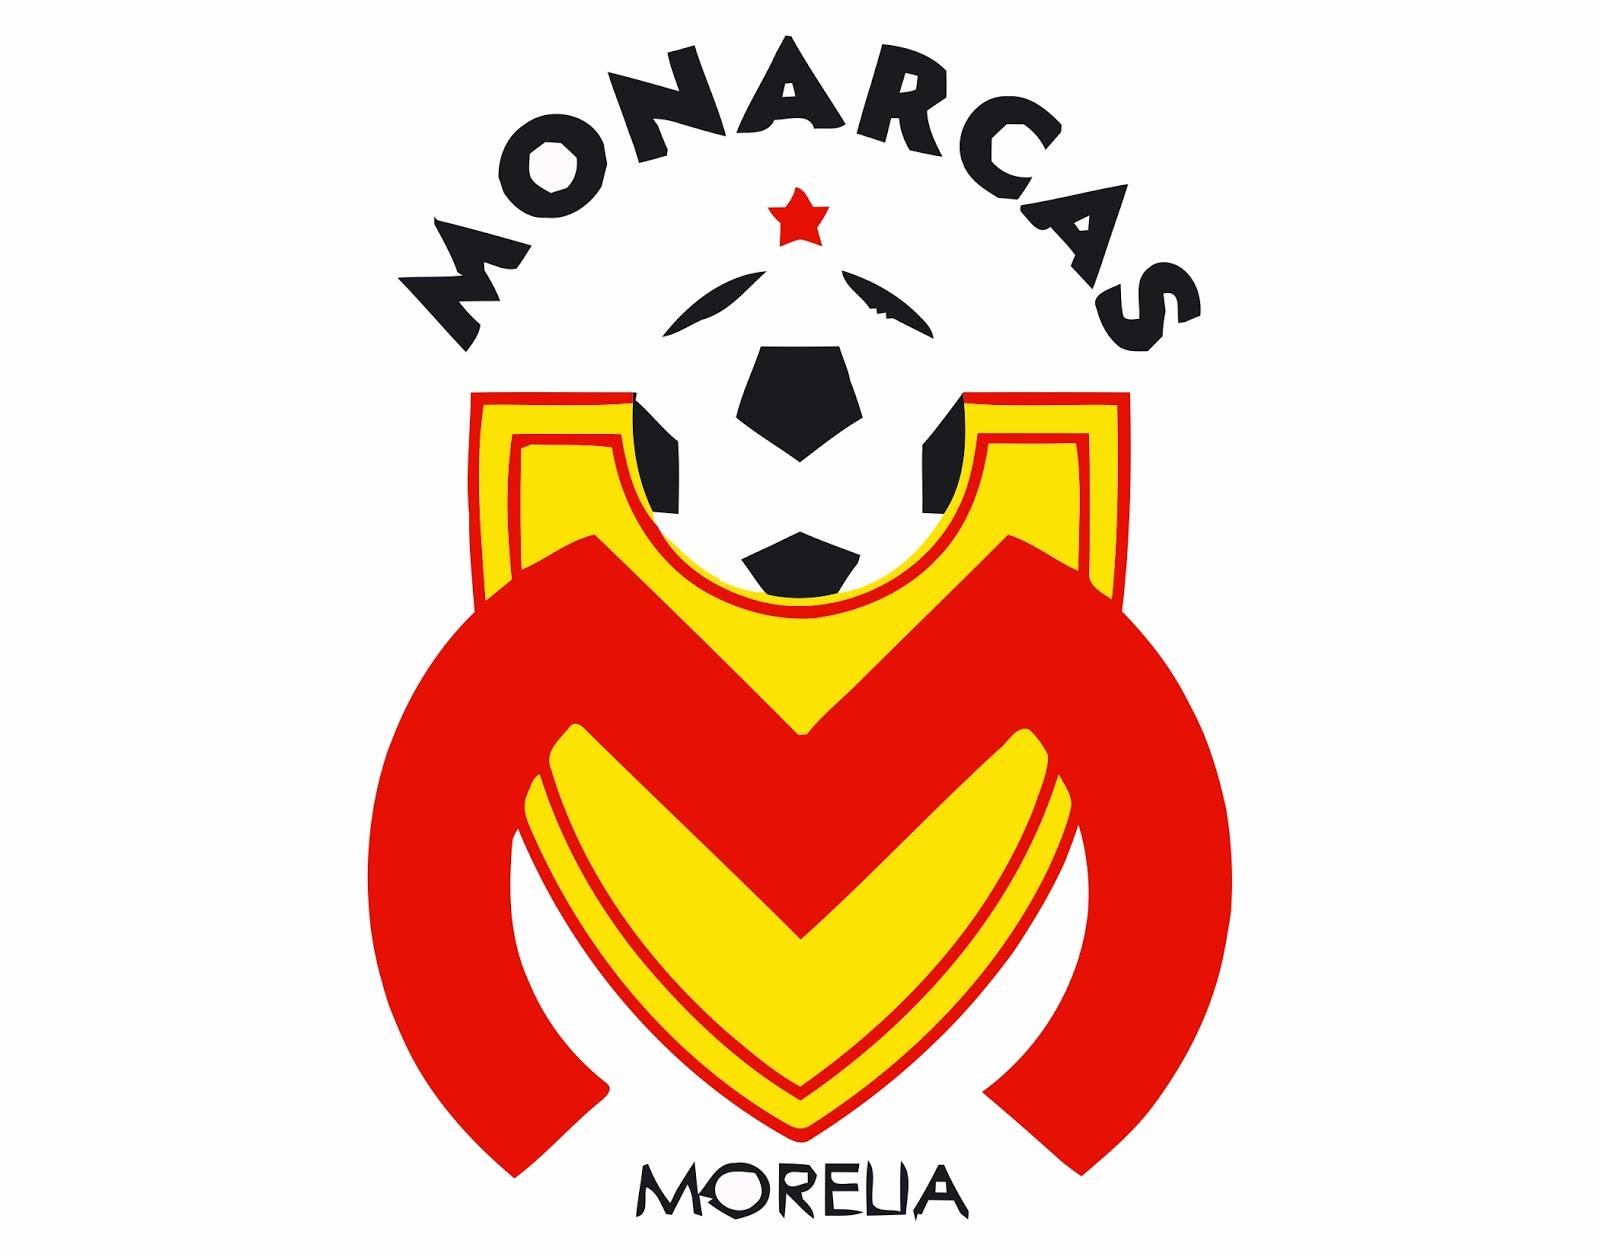 Участники Копа Либертадорес 2014. Монаркас Морелия (Мексика) - изображение 1